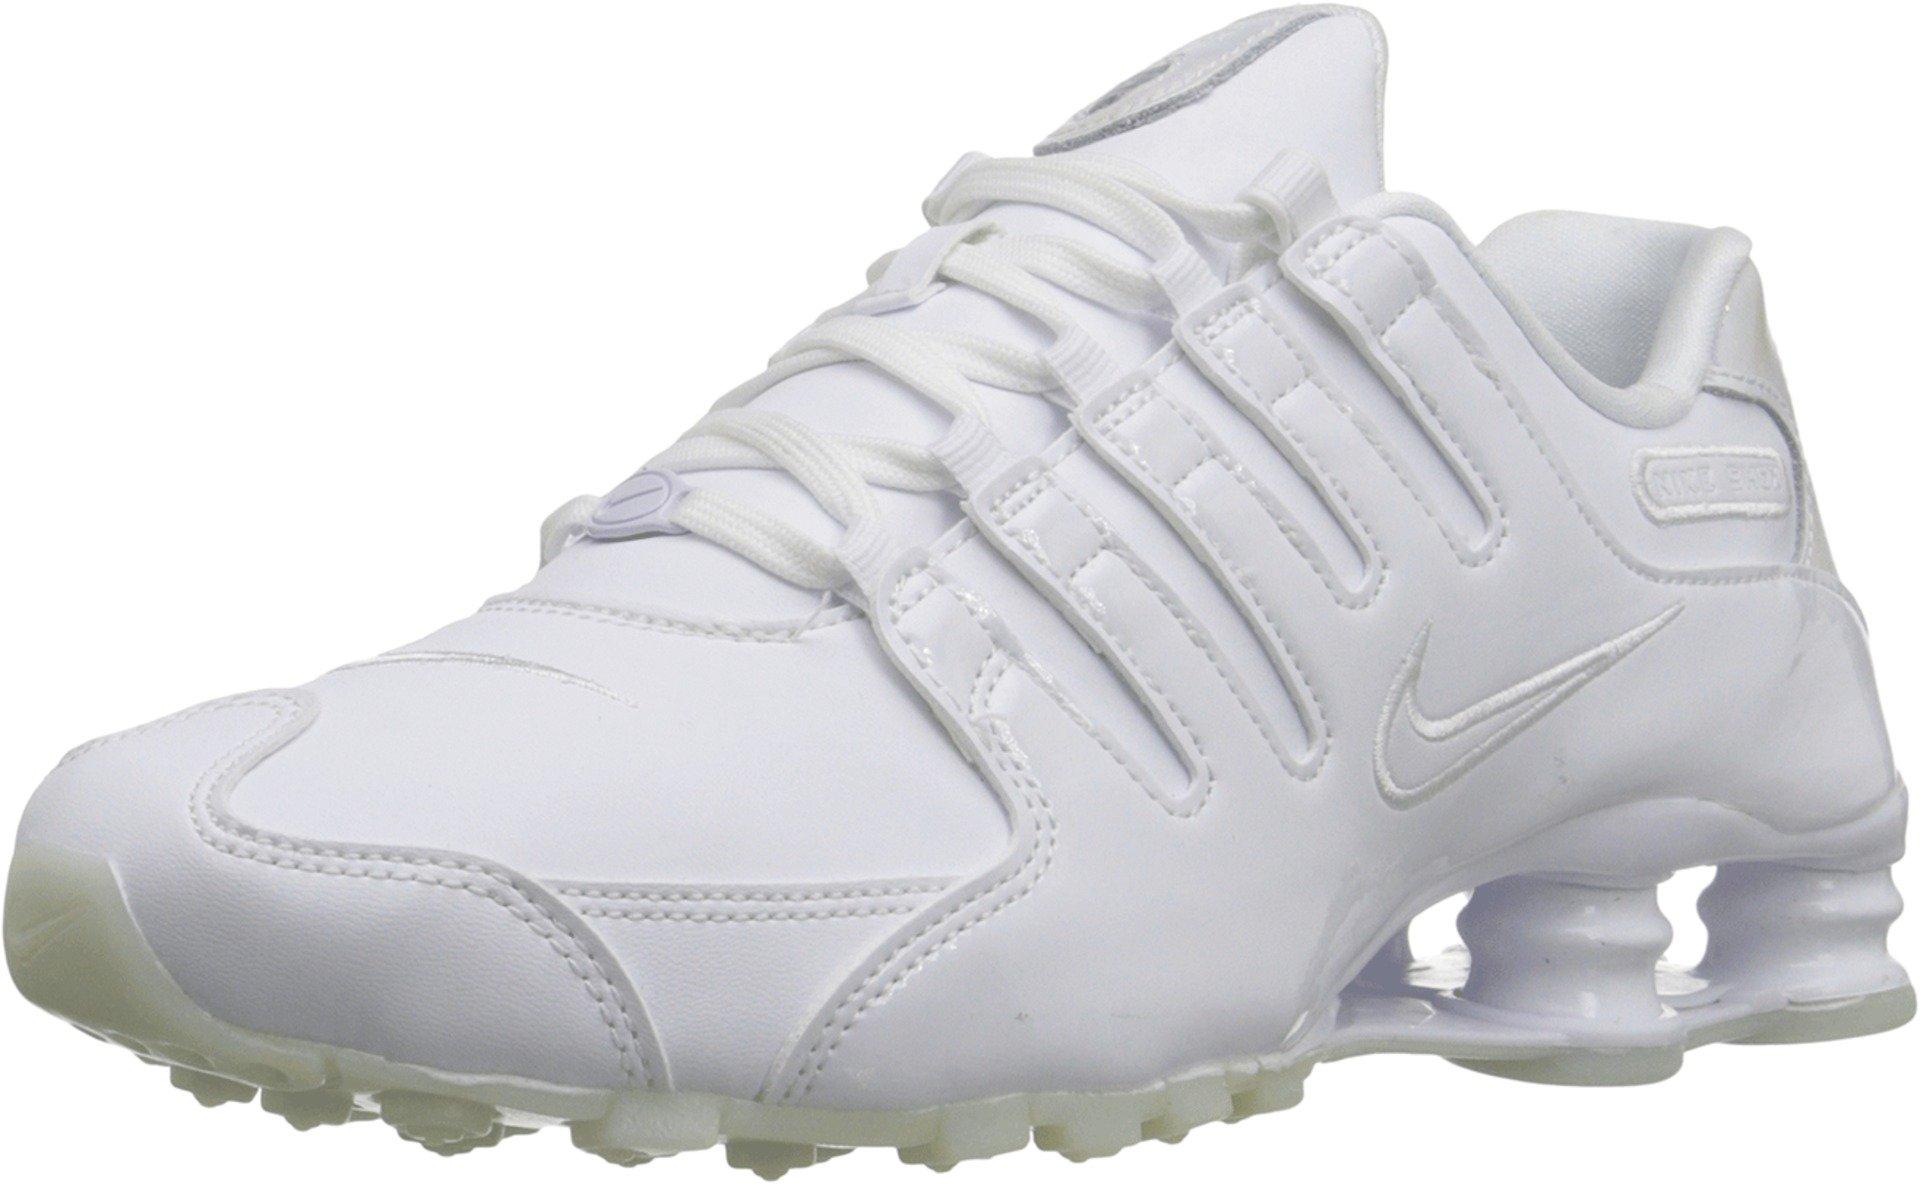 8567e46e7d4 Galleon - NIKE Women s Shox NZ EU Running Shoes Size 12